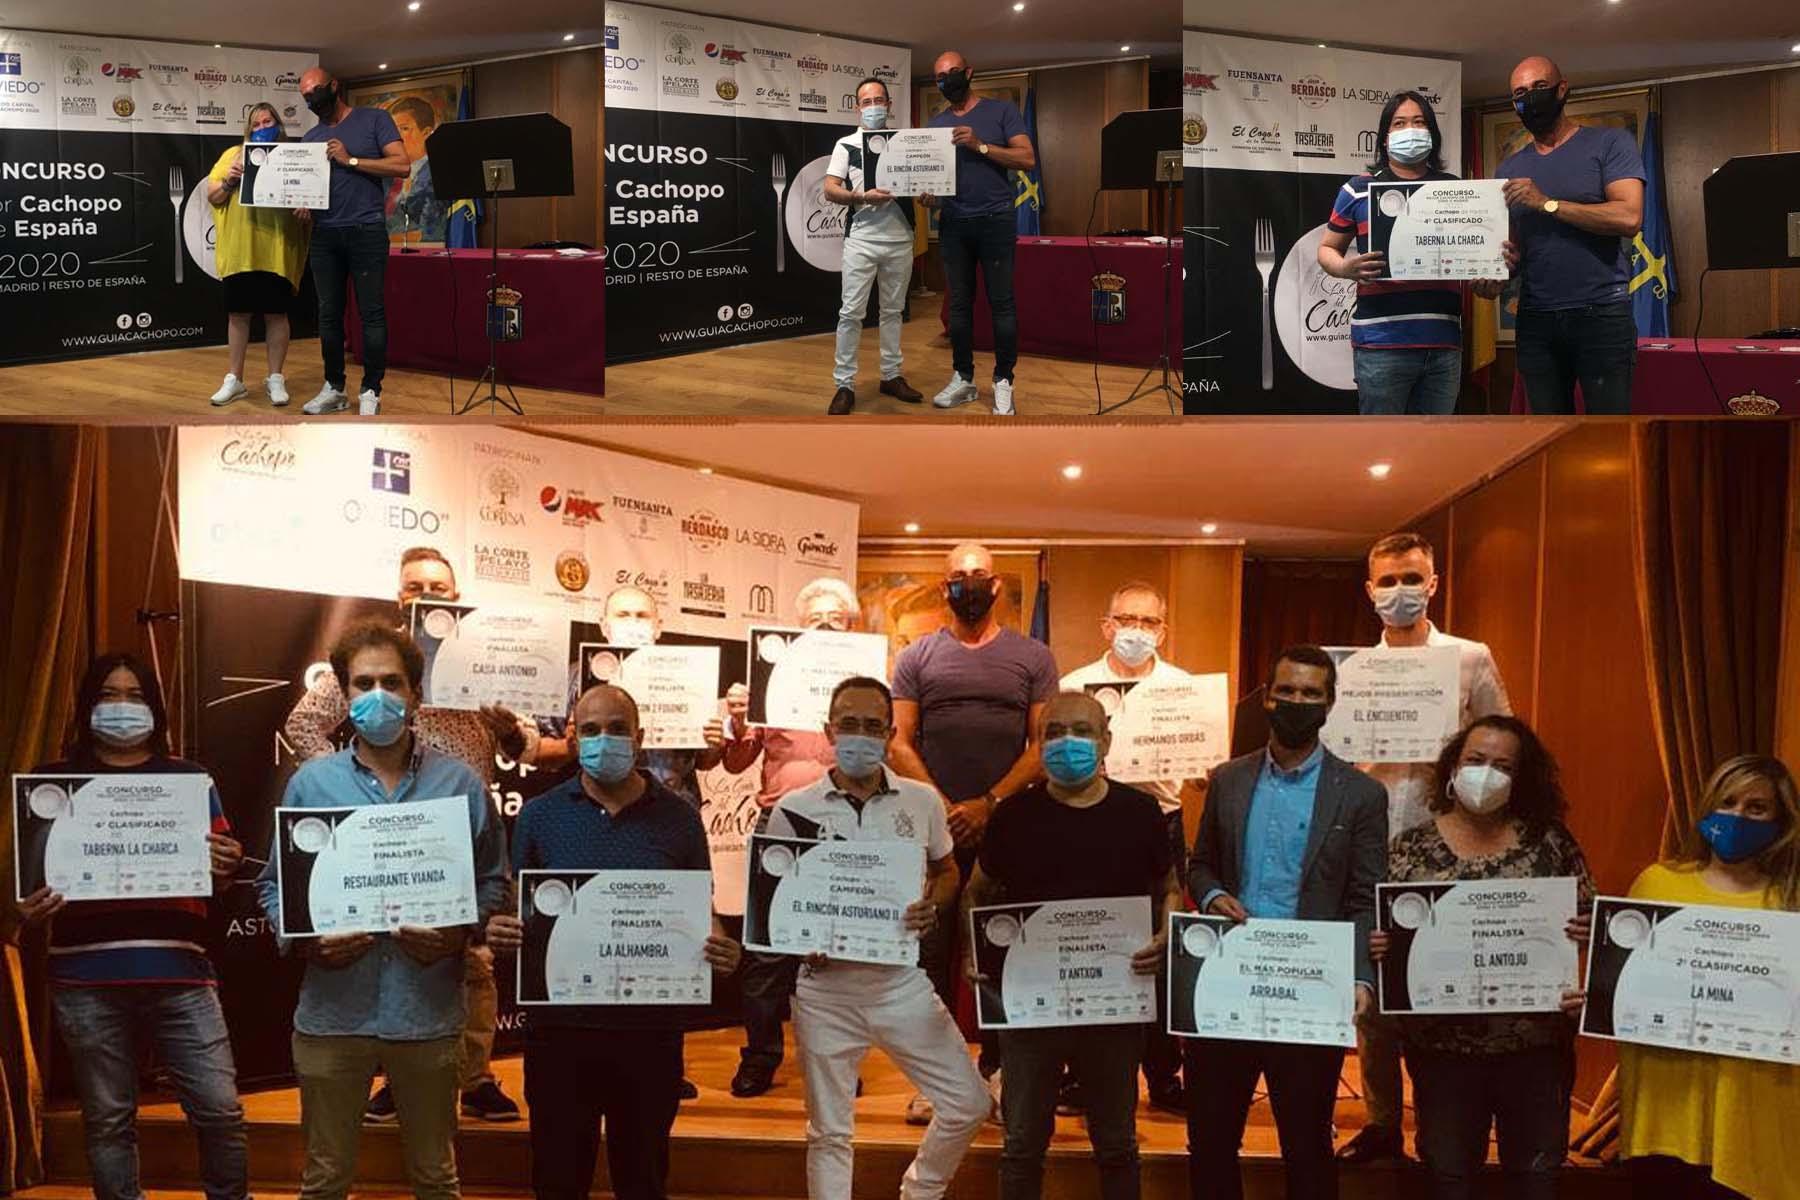 El concurso organizado por la Guía del Cachopo ha contado con la participacion de 29 restaurantes de la región